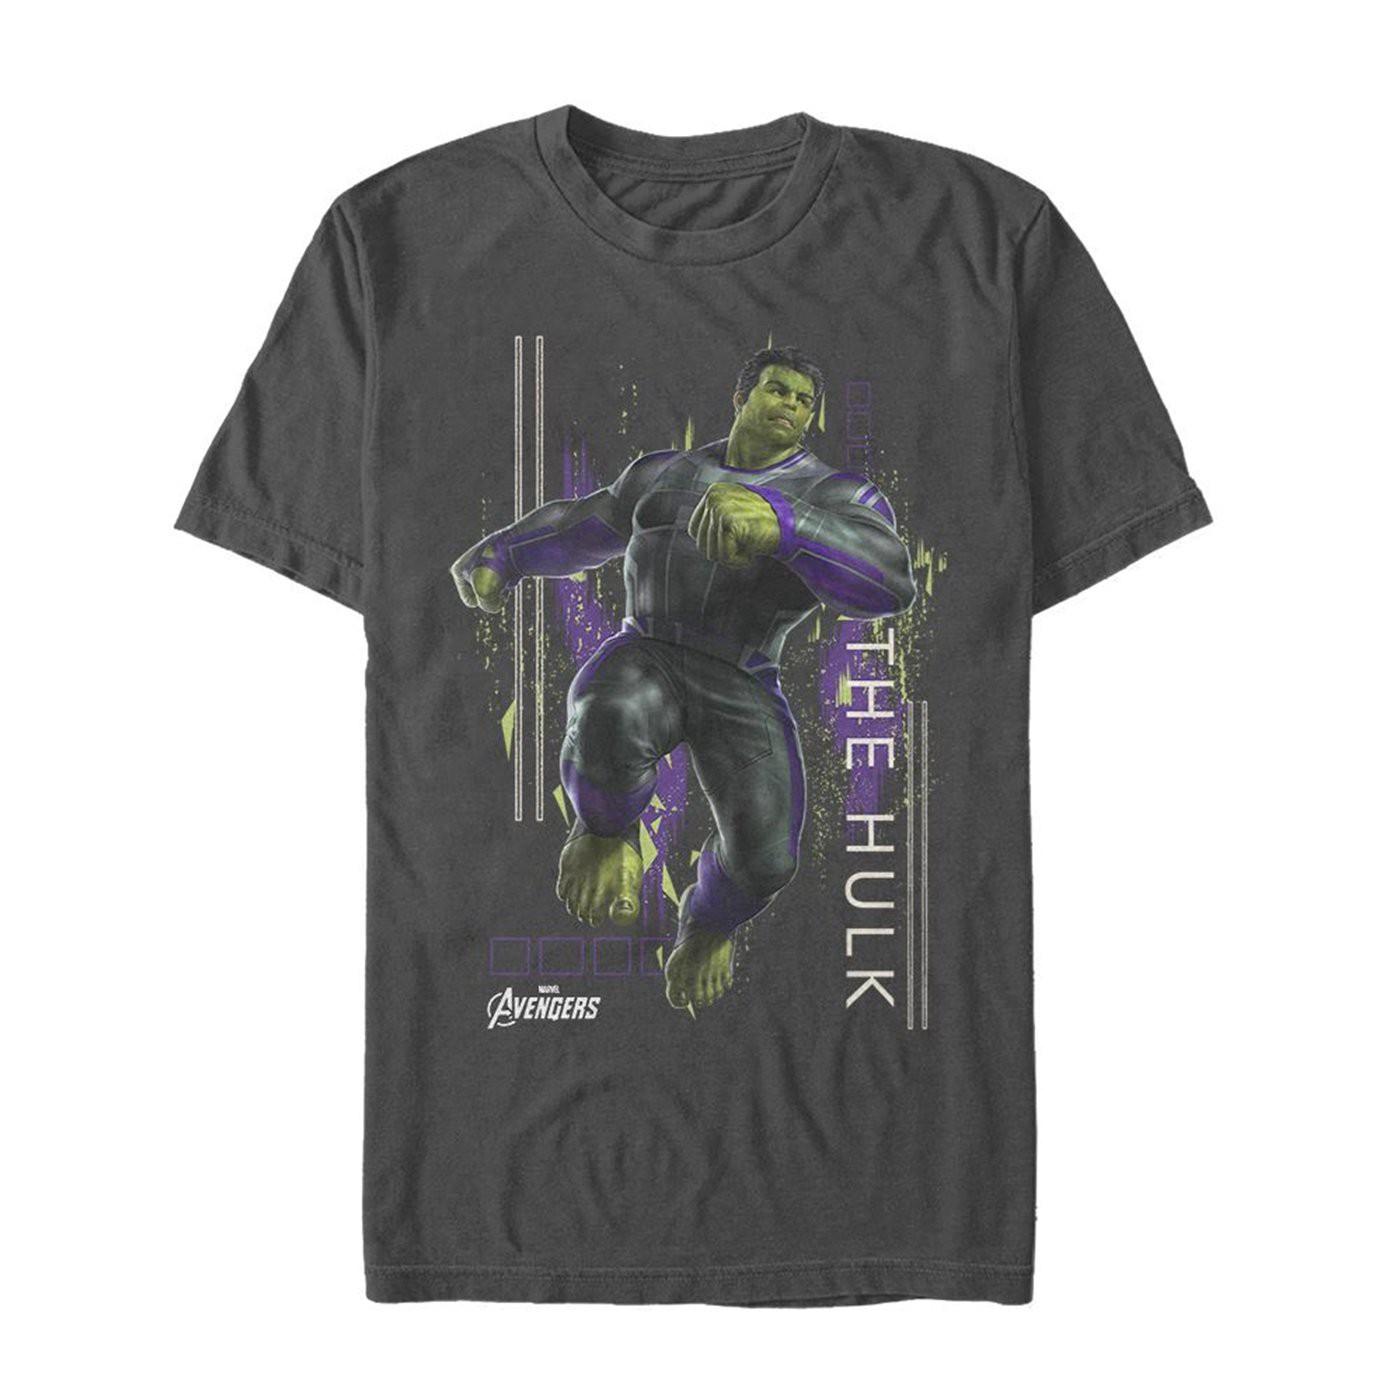 Avenger Endgame Hulk in Motion Men's T-Shirt